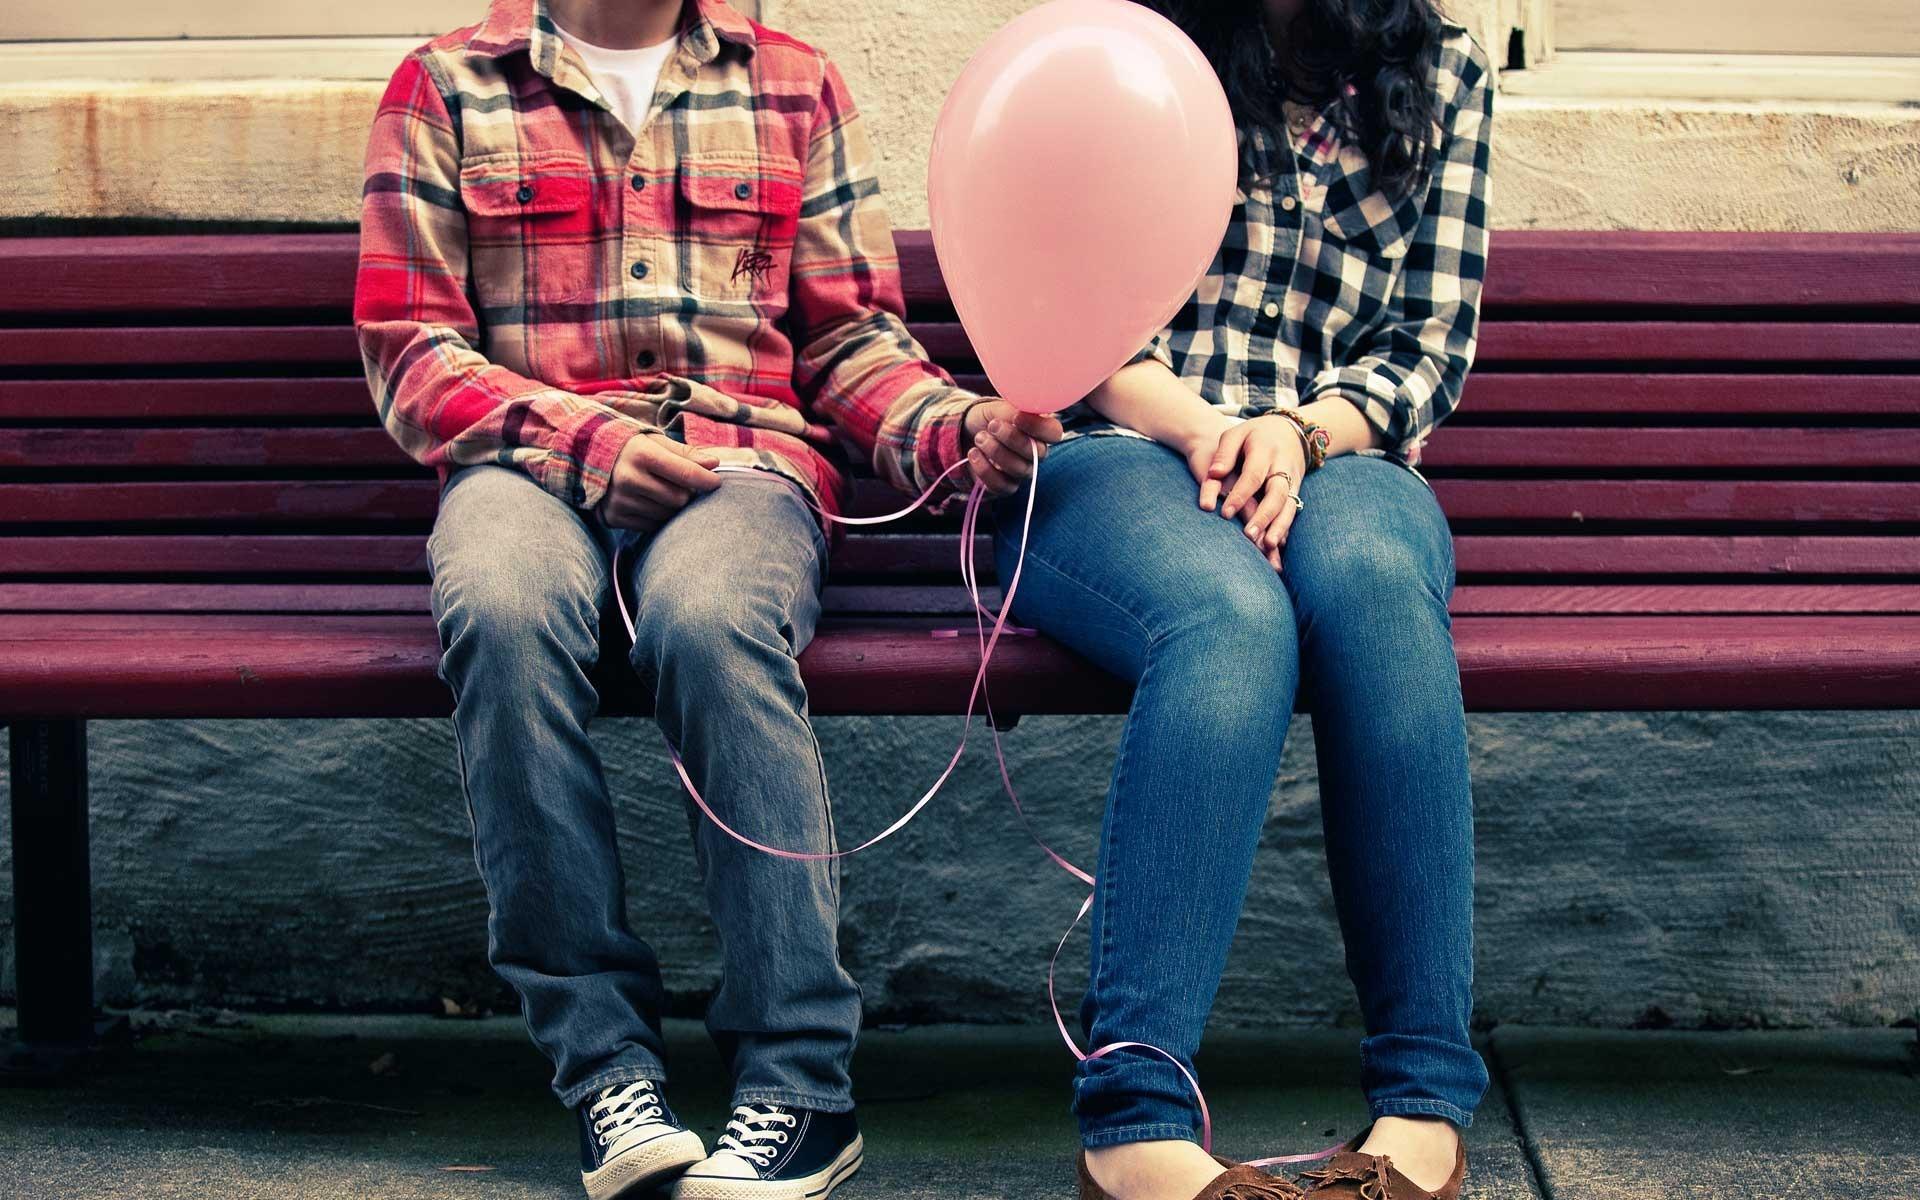 Love couple in bench Mesečni horoskop za maj 2014: Blizanci